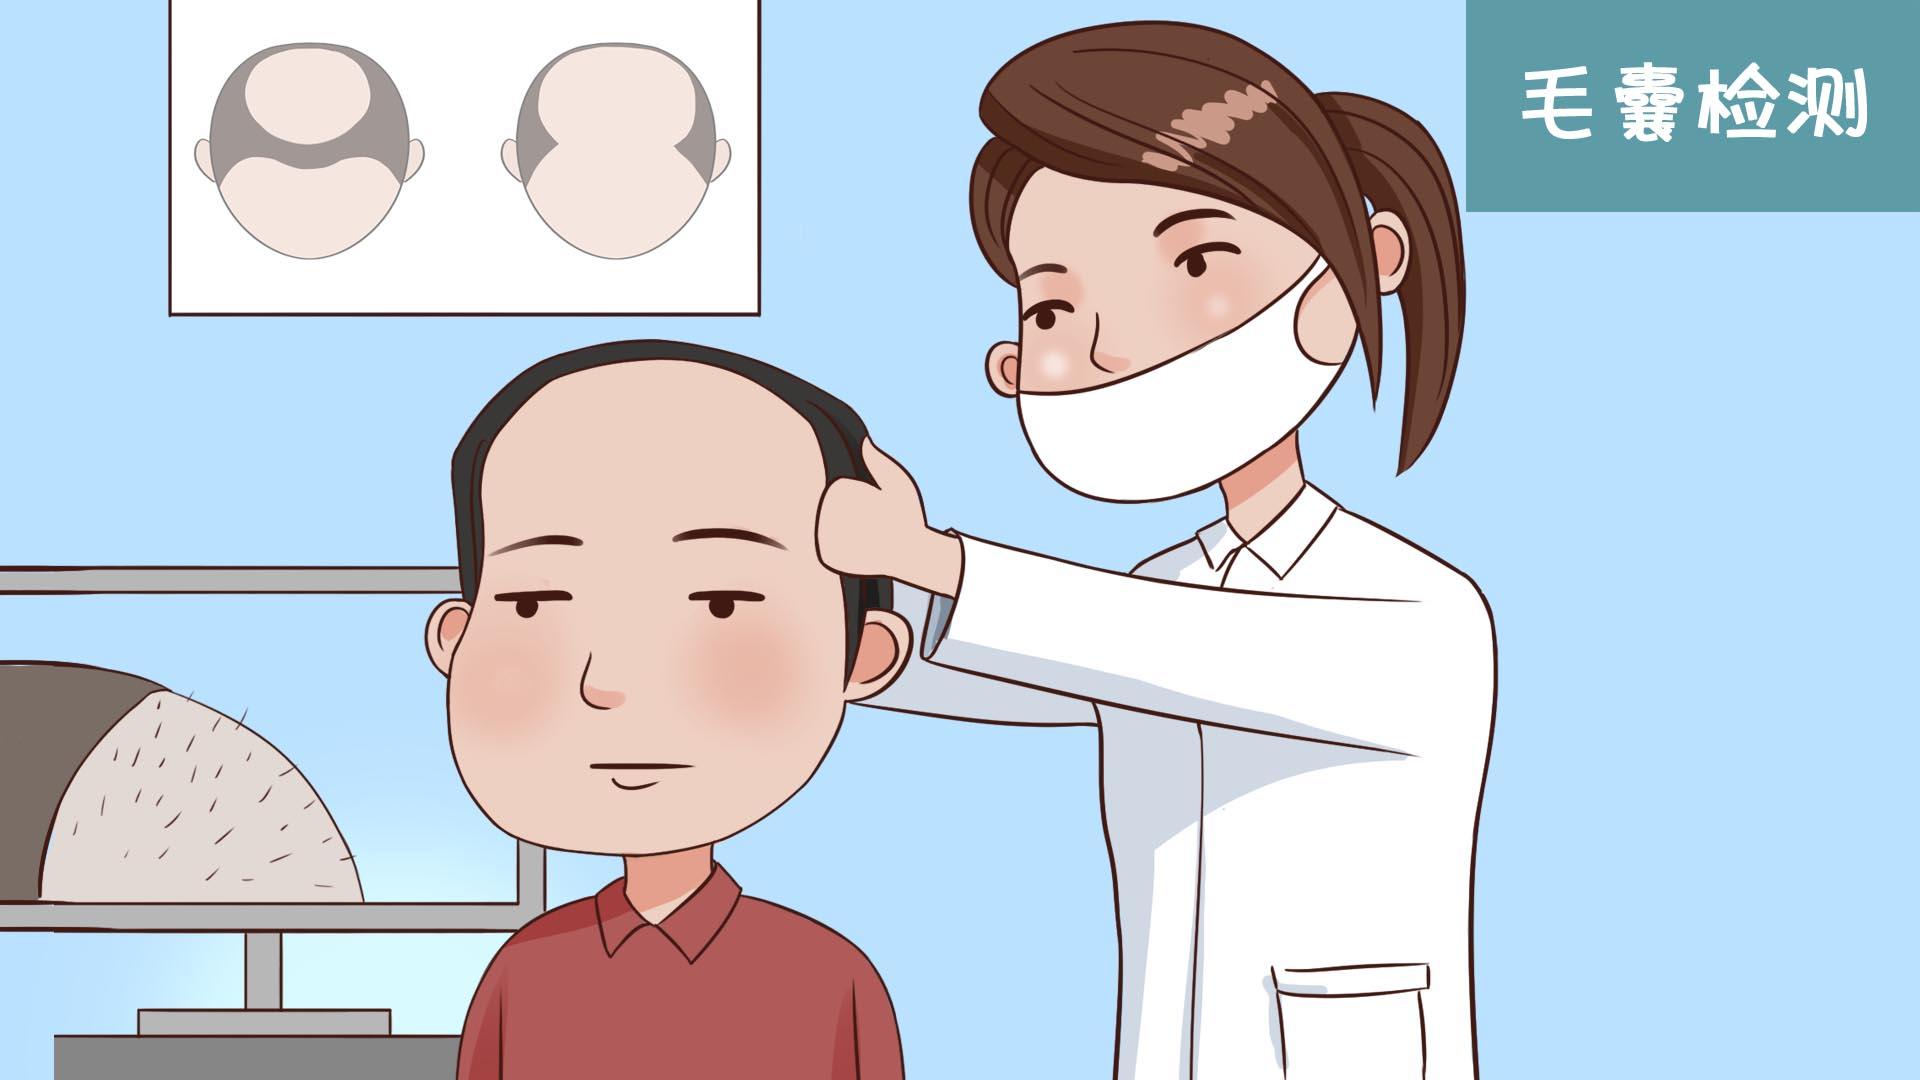 疤痕植发有年龄限制吗?